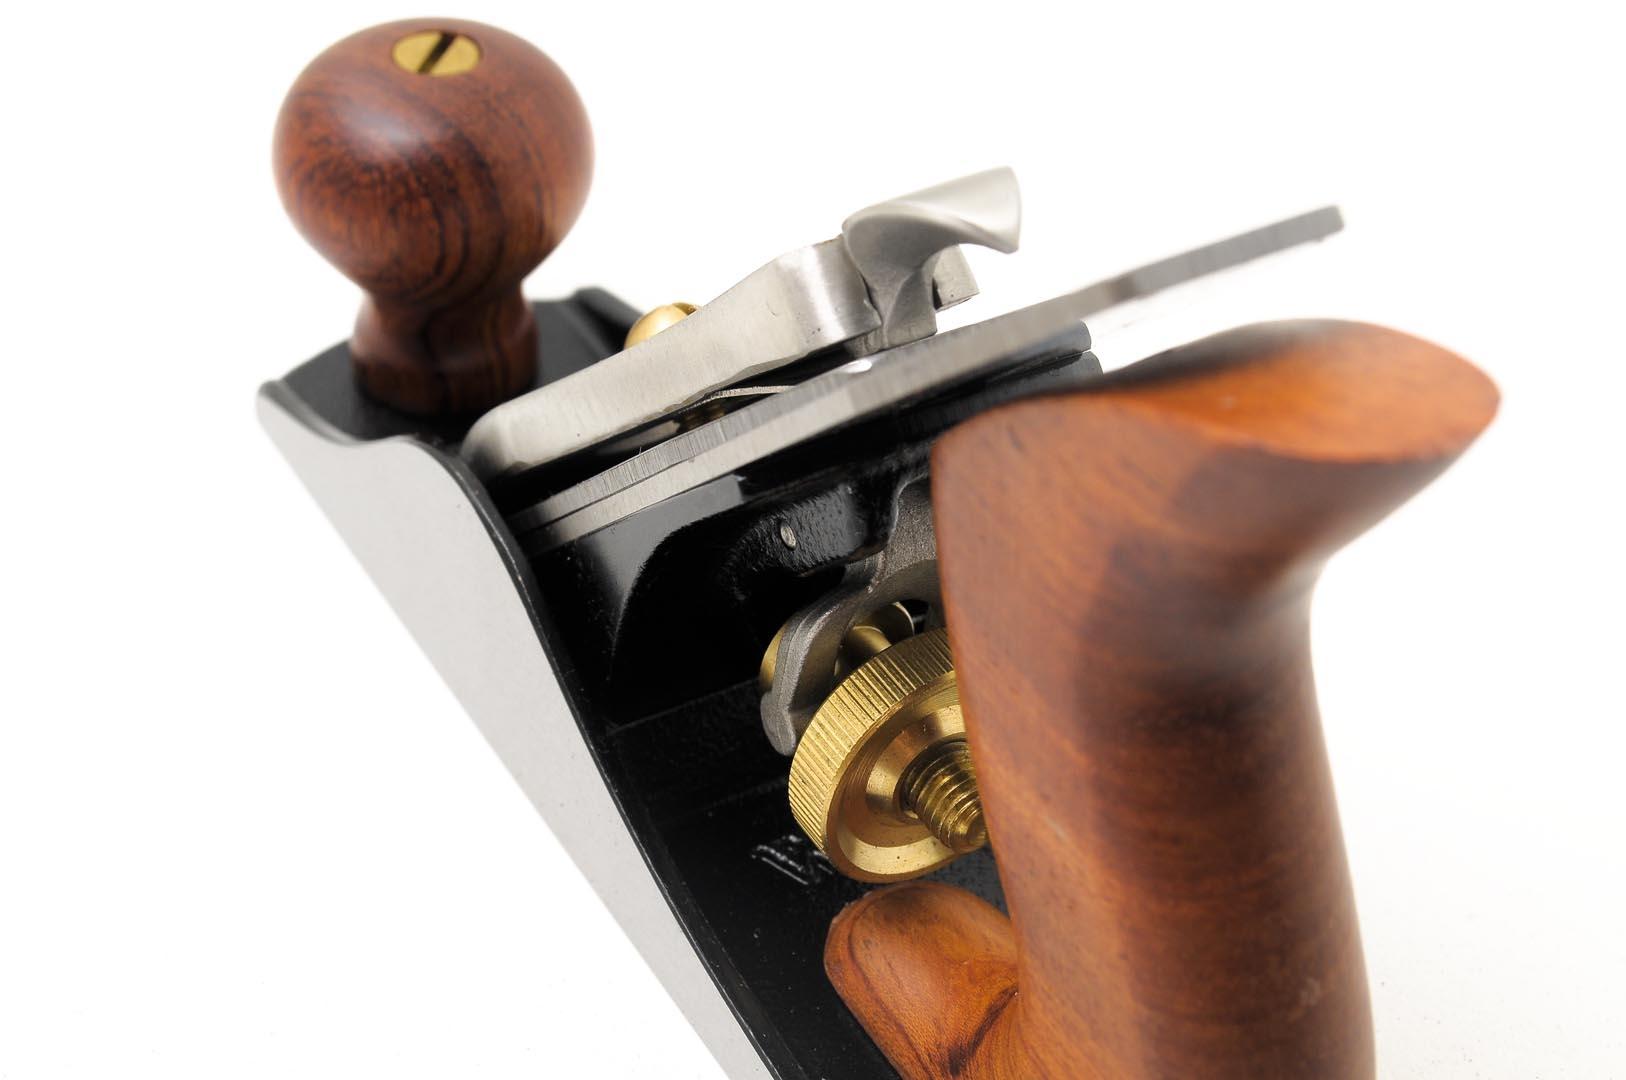 159005-Cepillo 1 bailey mini manual WoodRiver 159005-max-3.